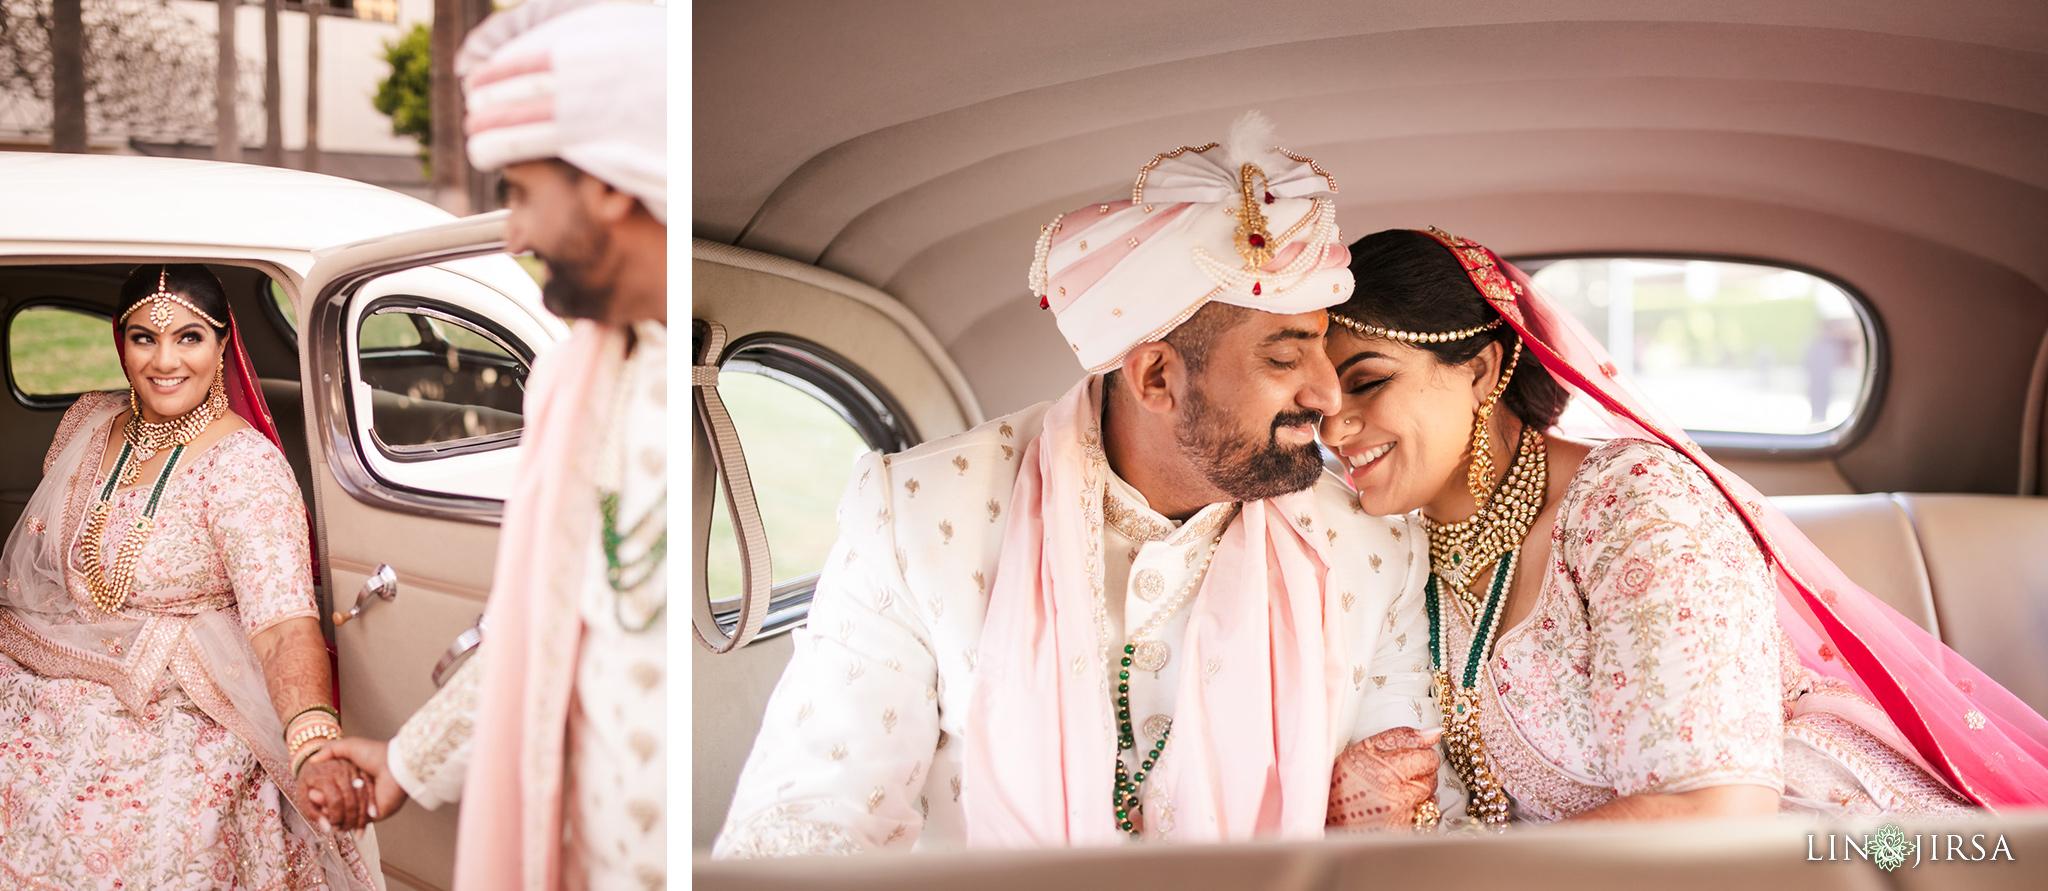 31 Hotel Irvine Indian Wedding Photography